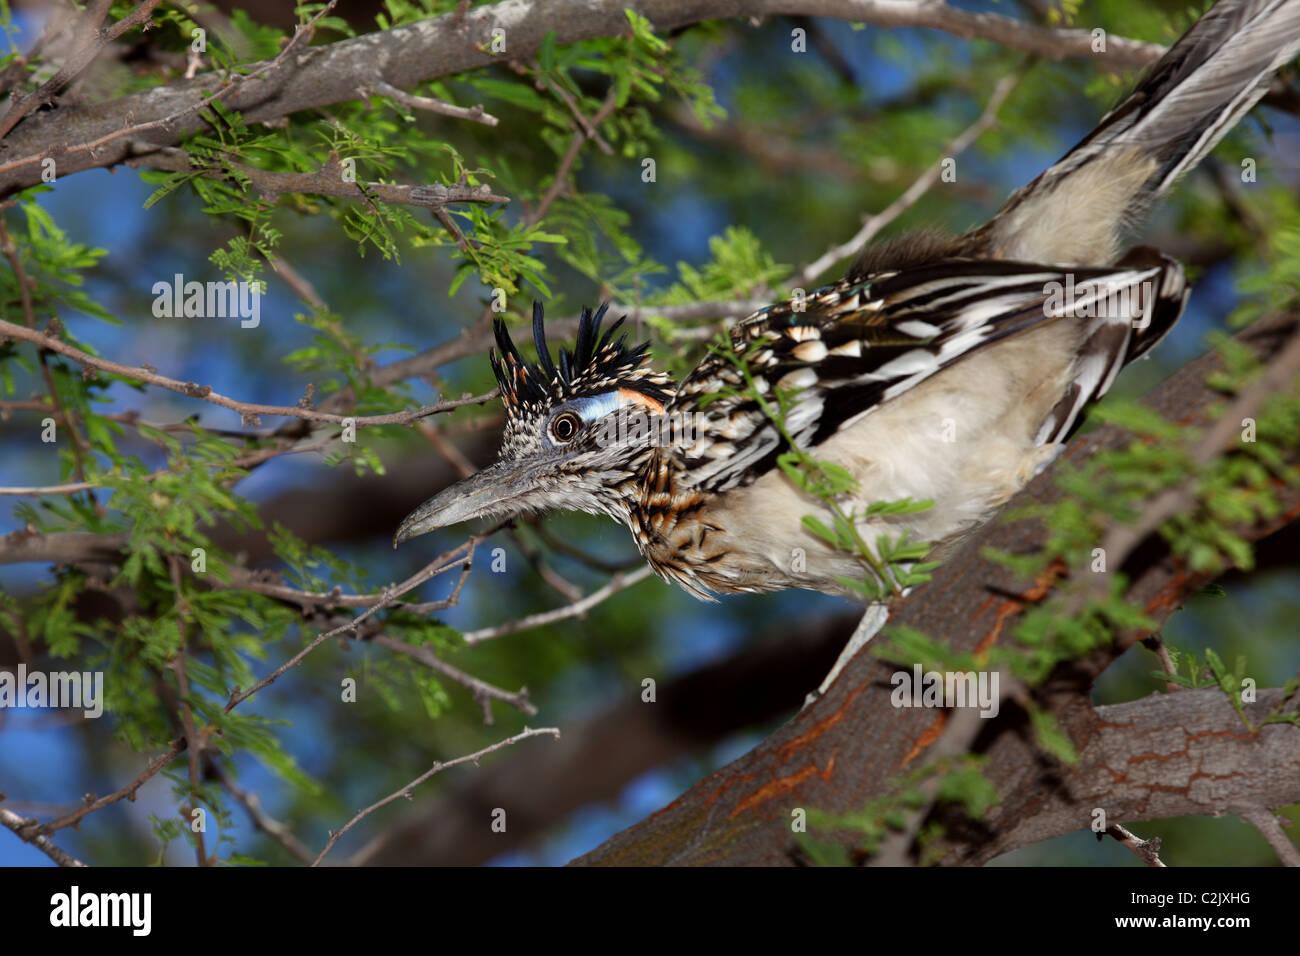 Roadrunner in a mesquite tree - Stock Image